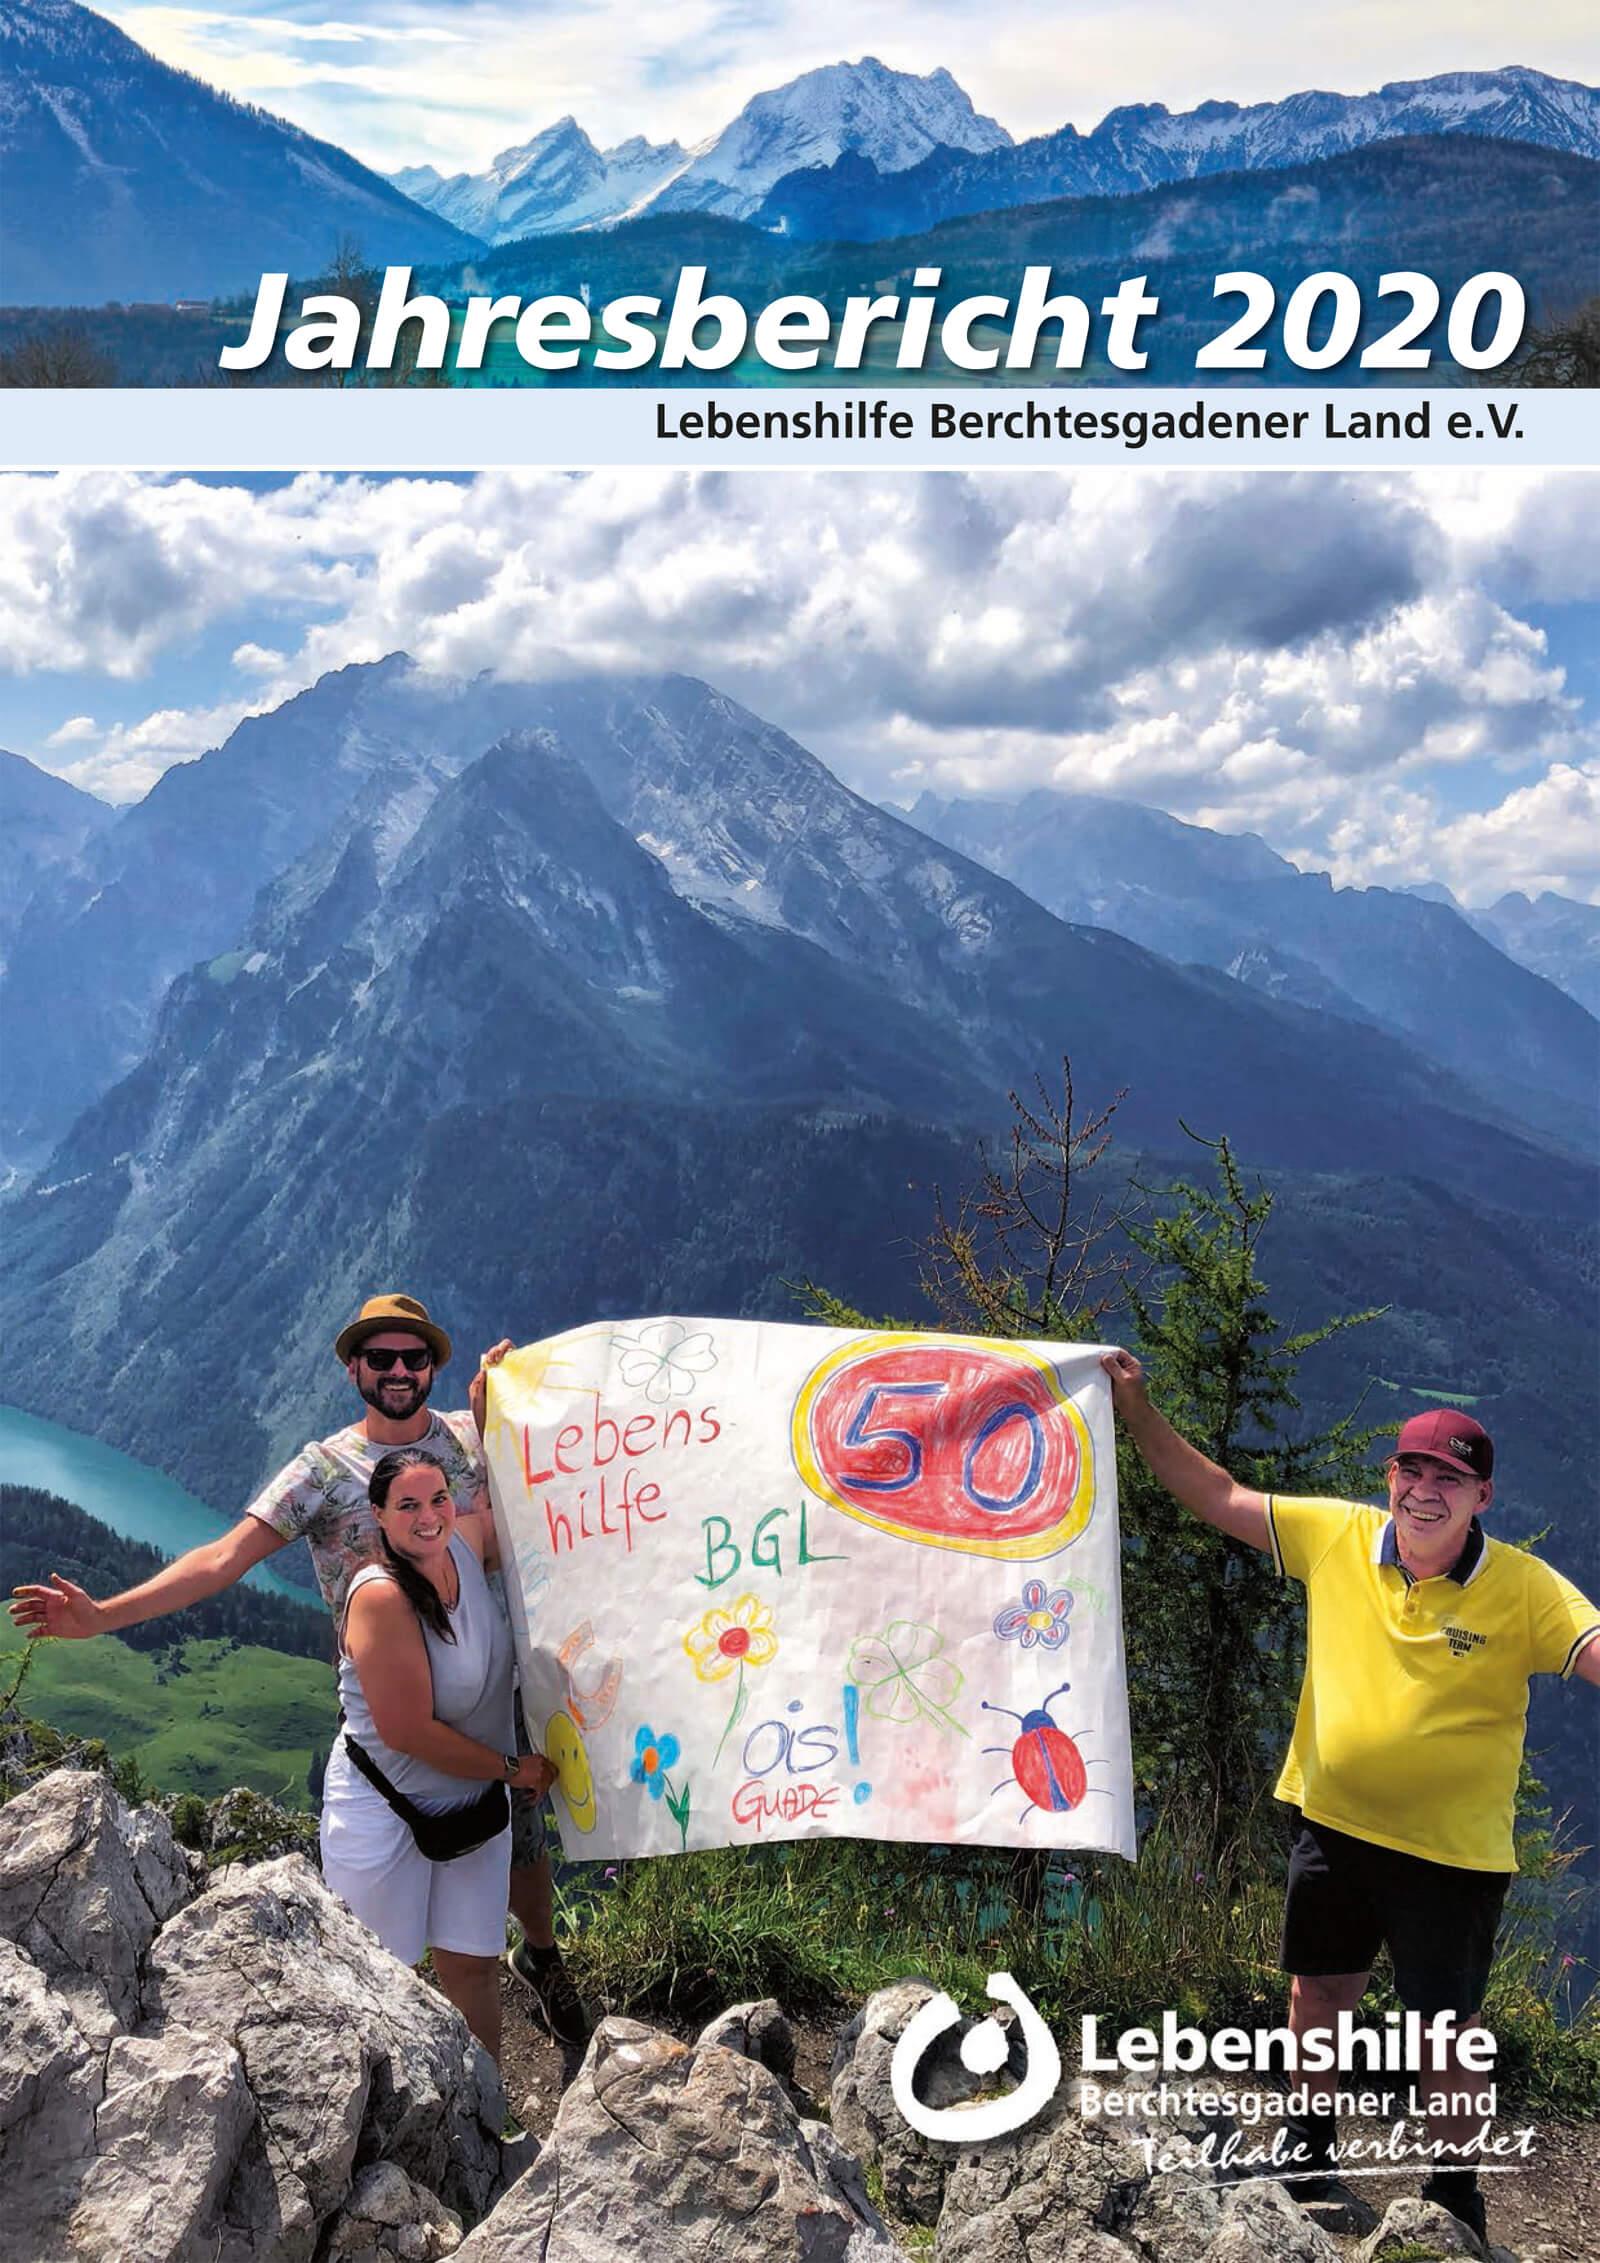 Sie sehen das Titelbild zum Jahresbericht 2020